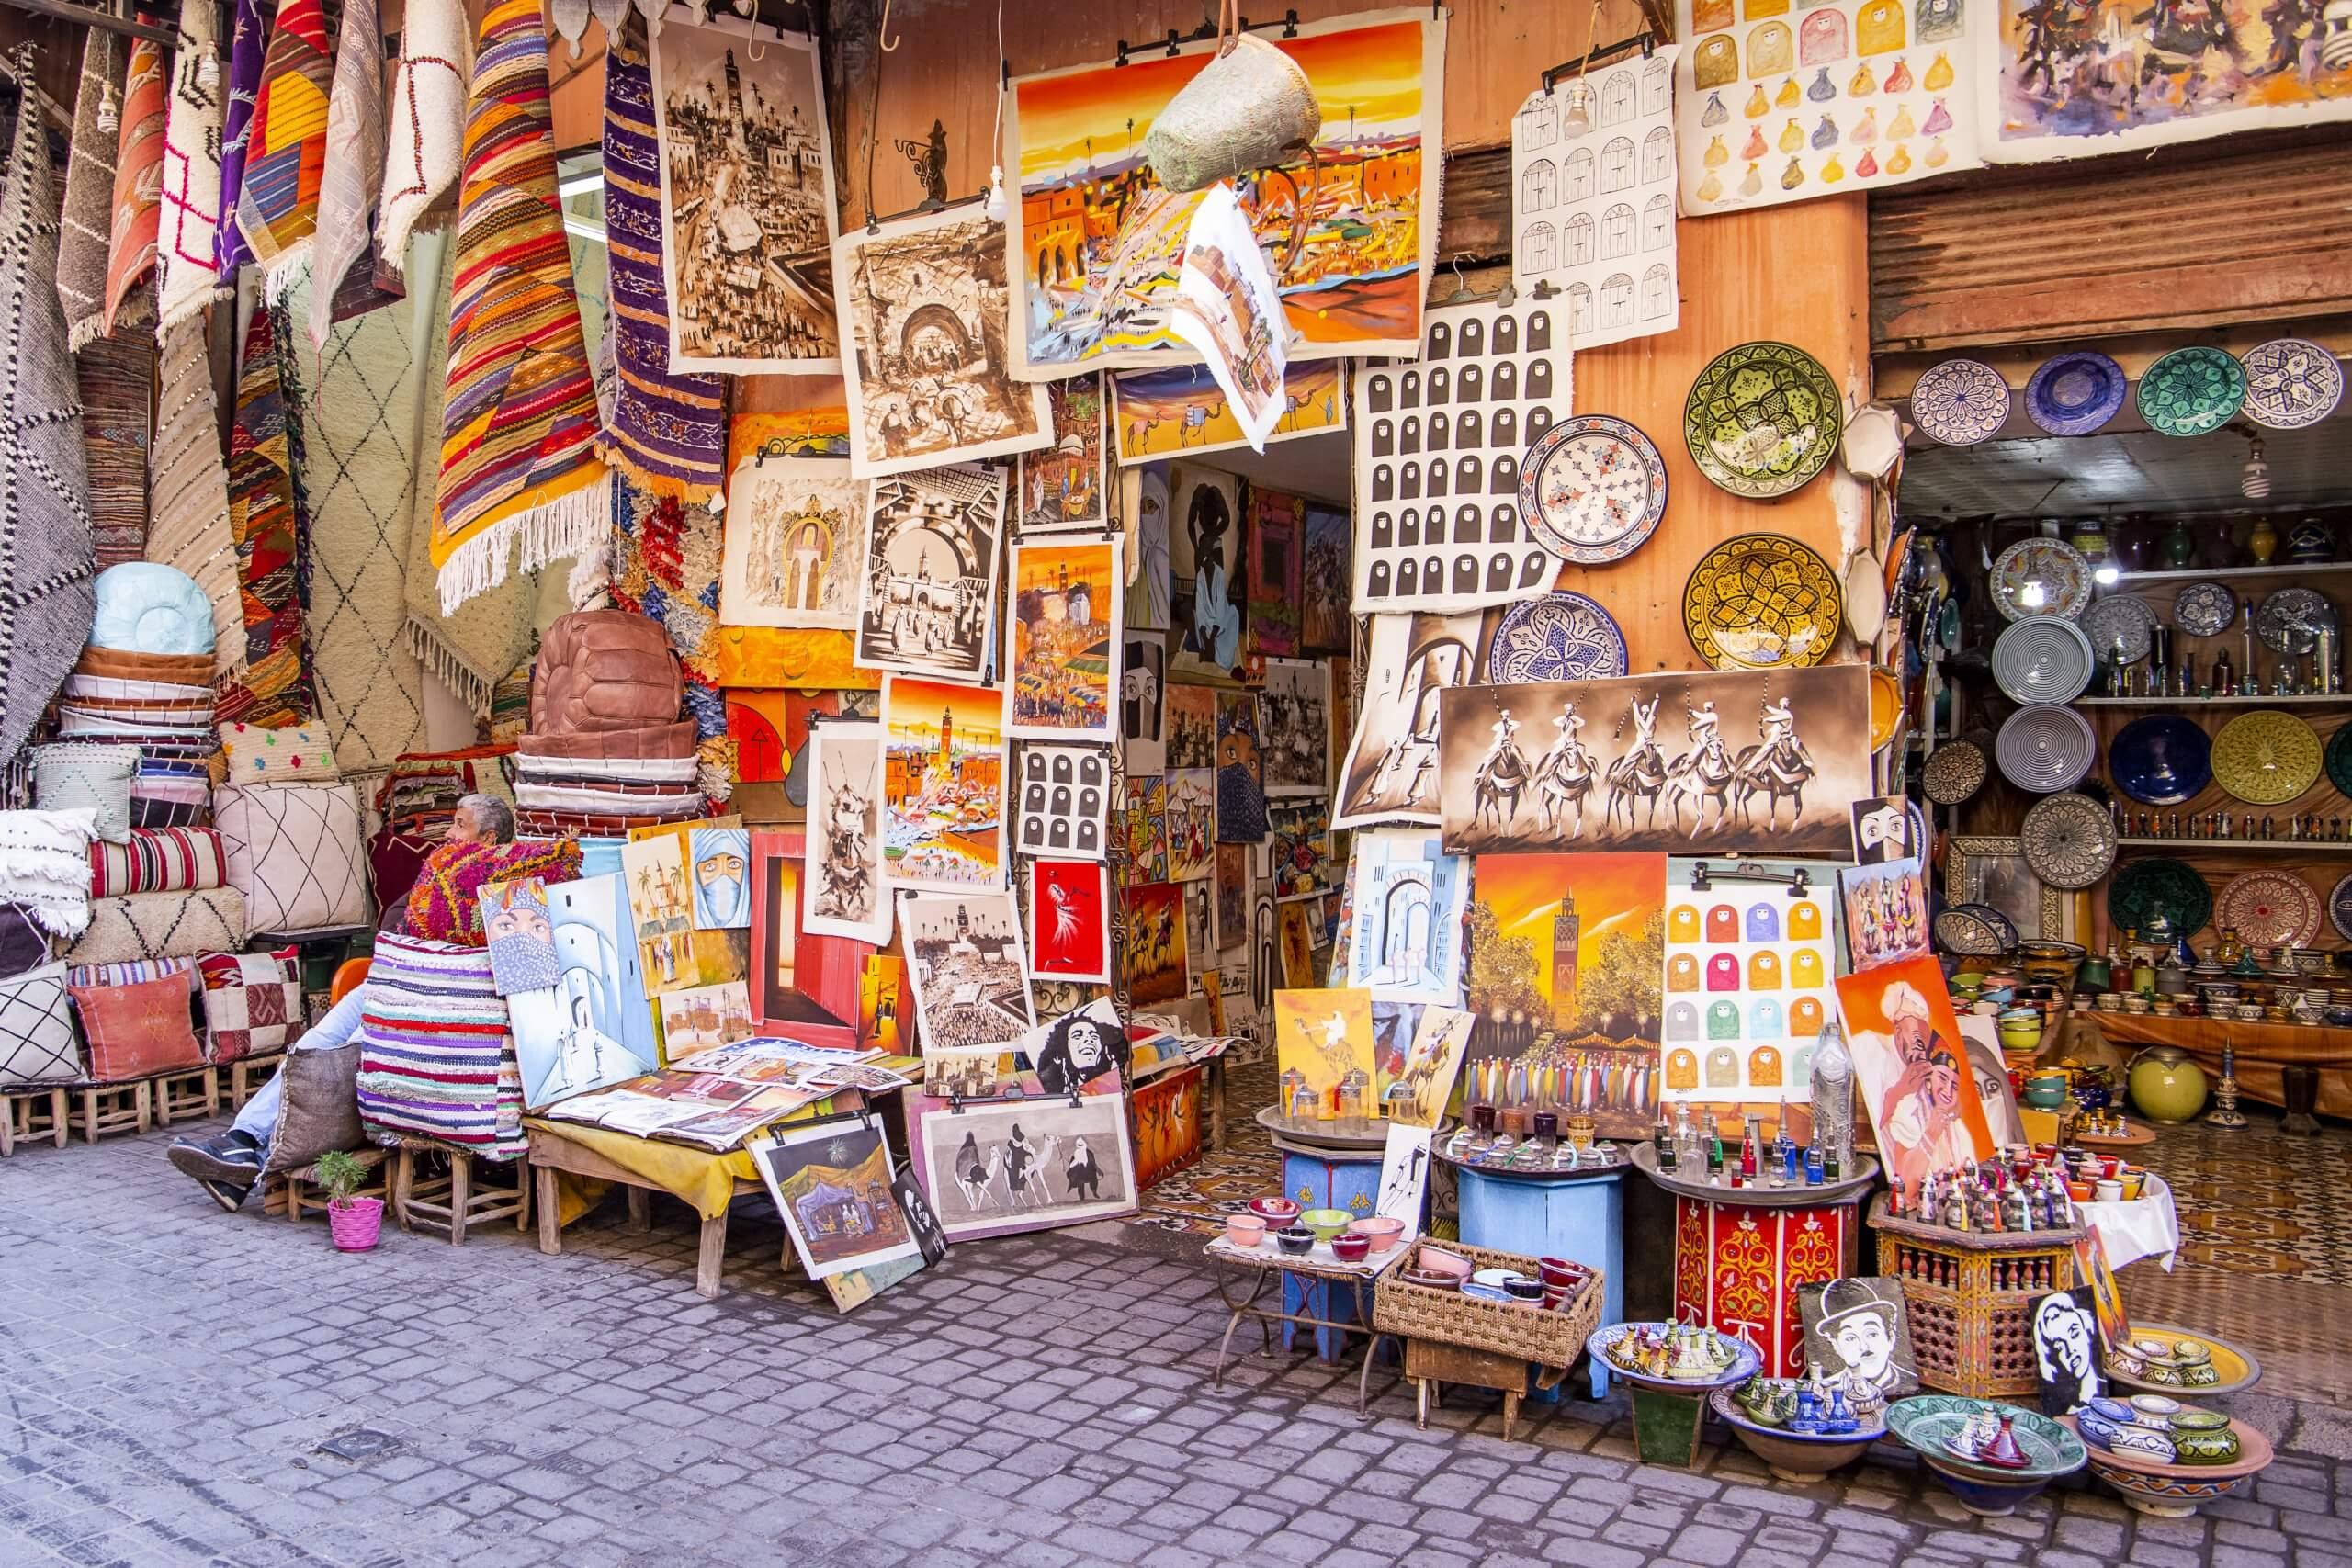 Verkaufsstand in einem marrokanischen Souk